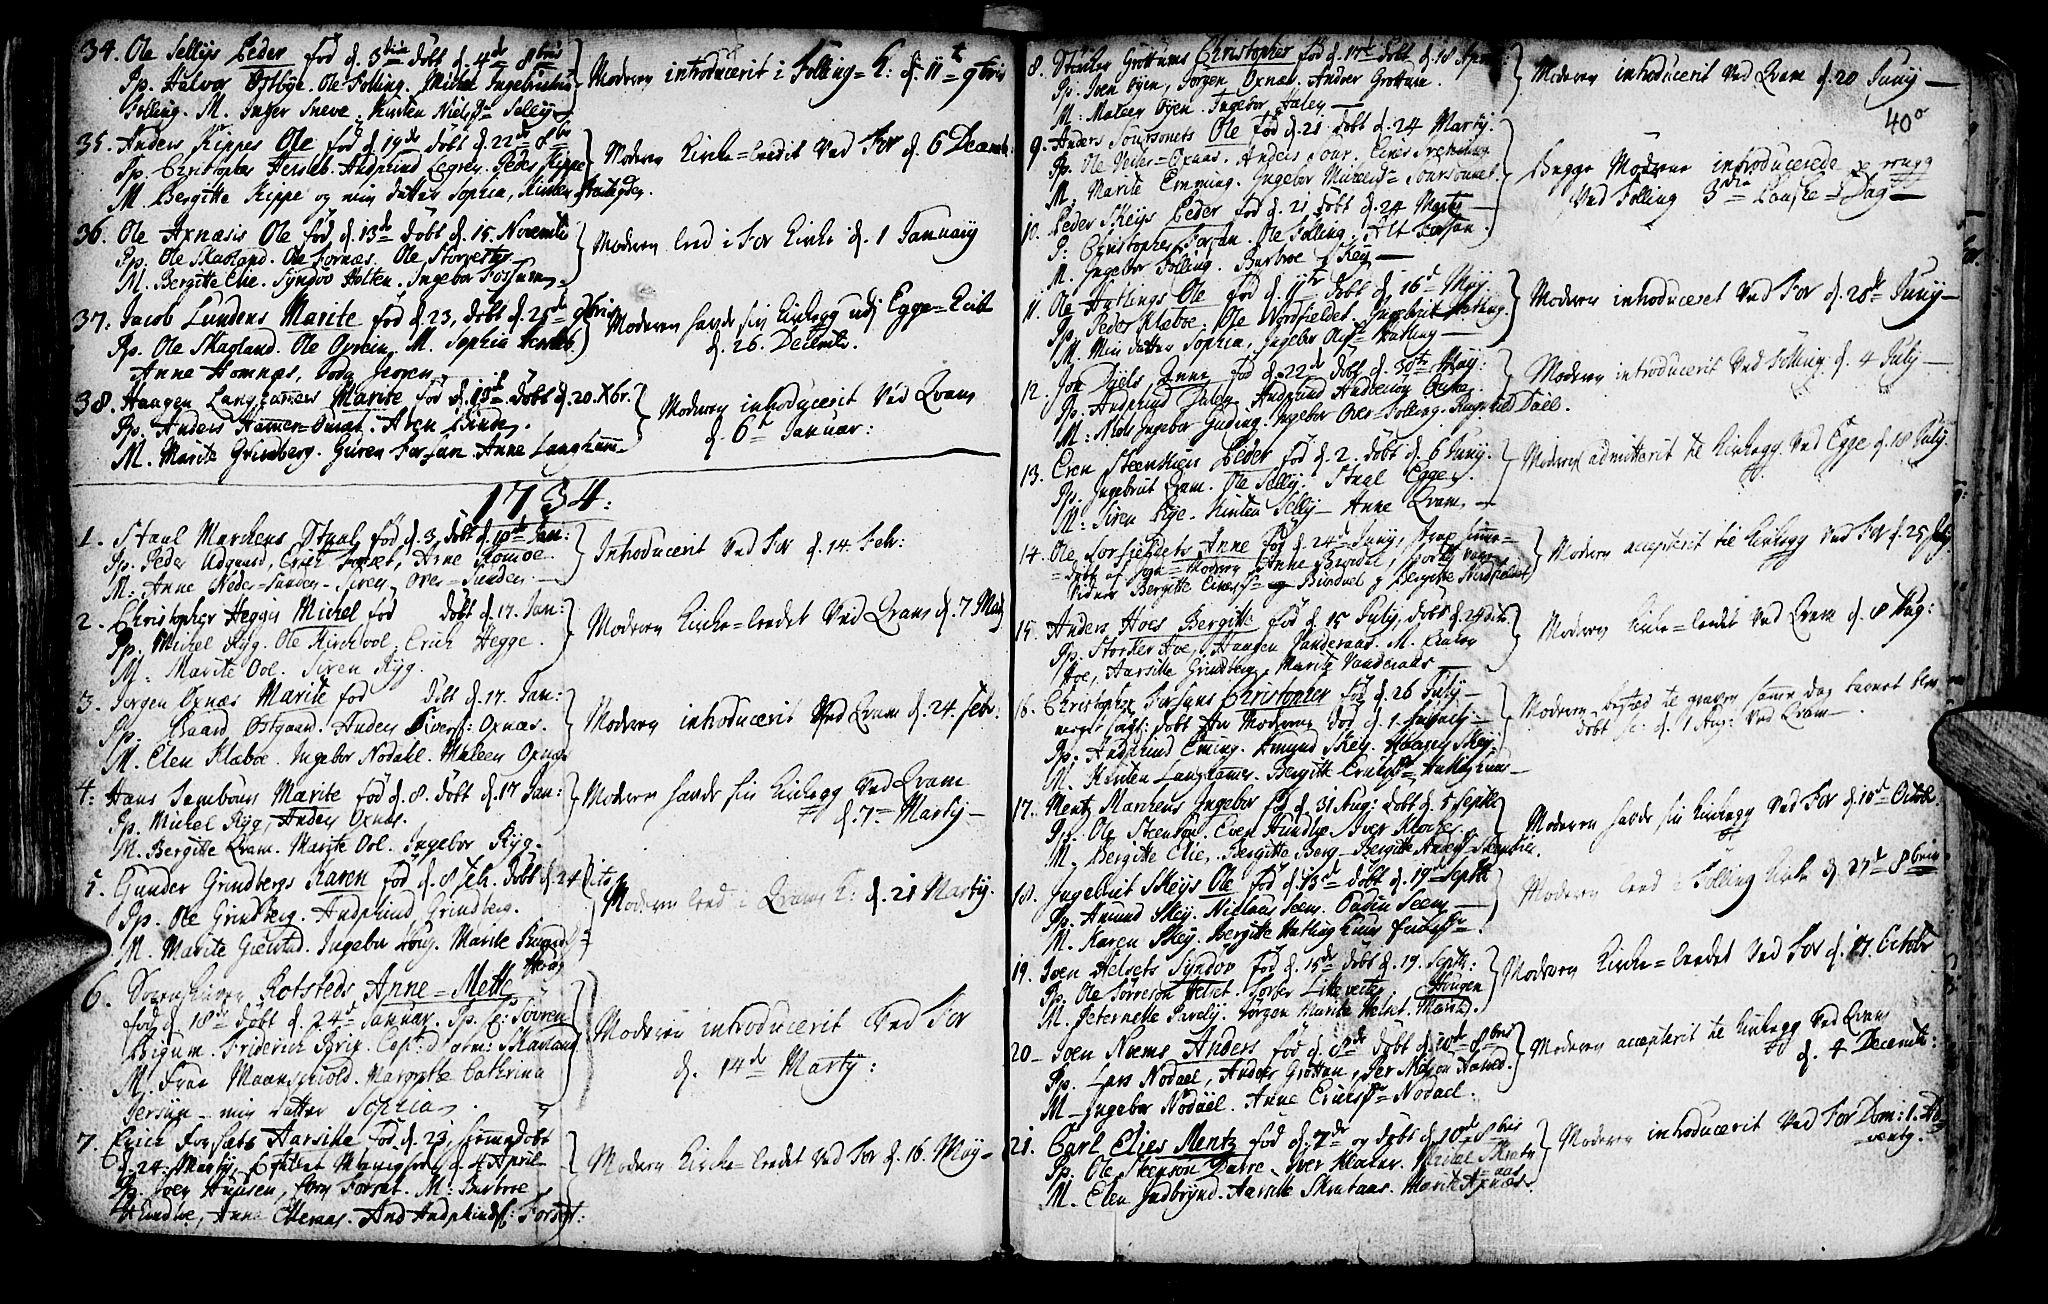 SAT, Ministerialprotokoller, klokkerbøker og fødselsregistre - Nord-Trøndelag, 746/L0439: Ministerialbok nr. 746A01, 1688-1759, s. 40o